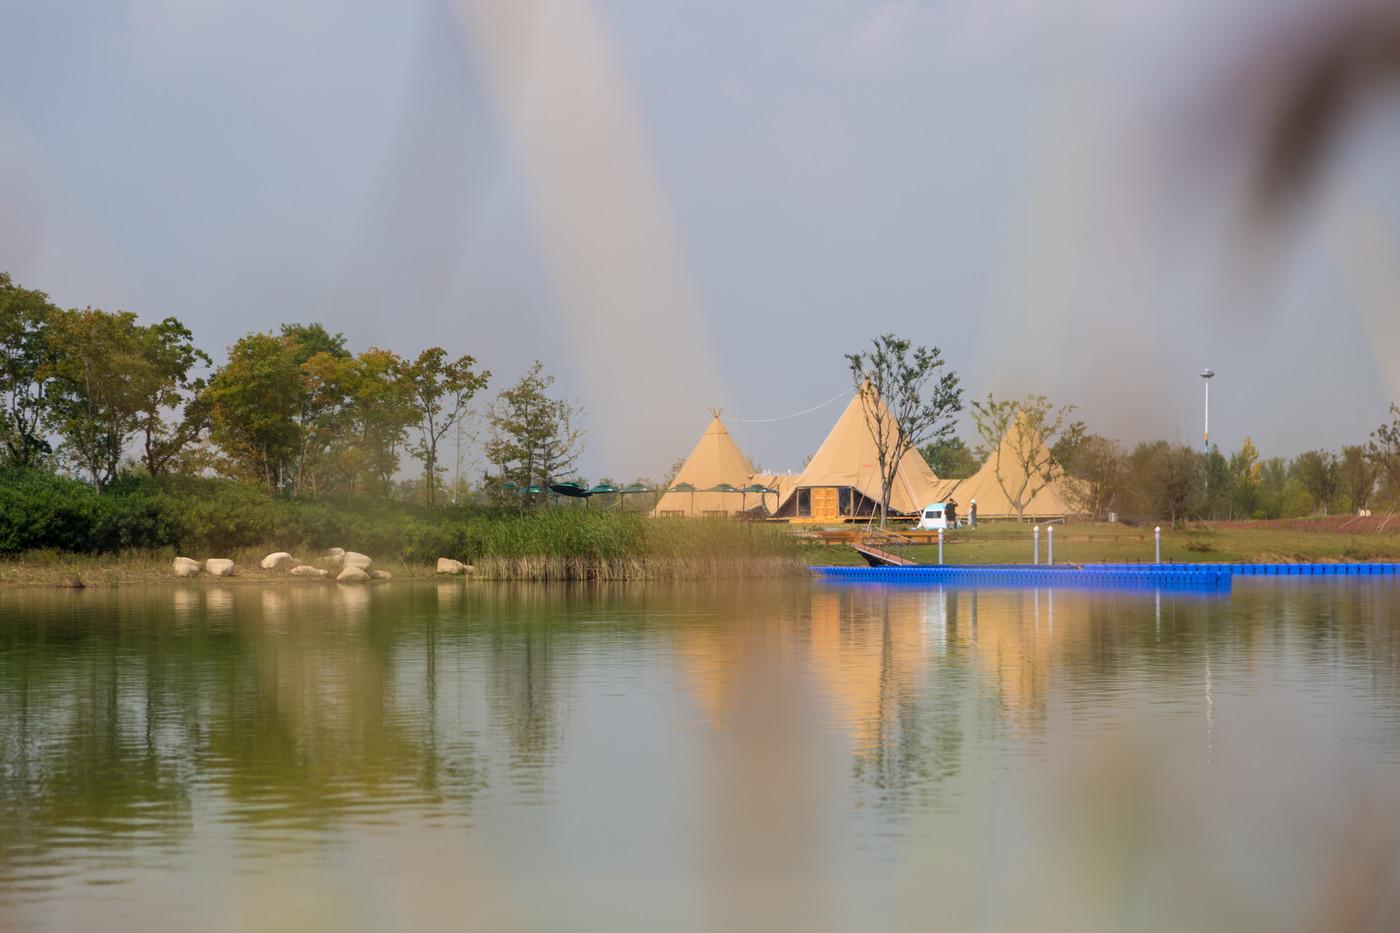 喜马拉雅印第安多功能大厅—淮安白马湖生态旅游度假区11